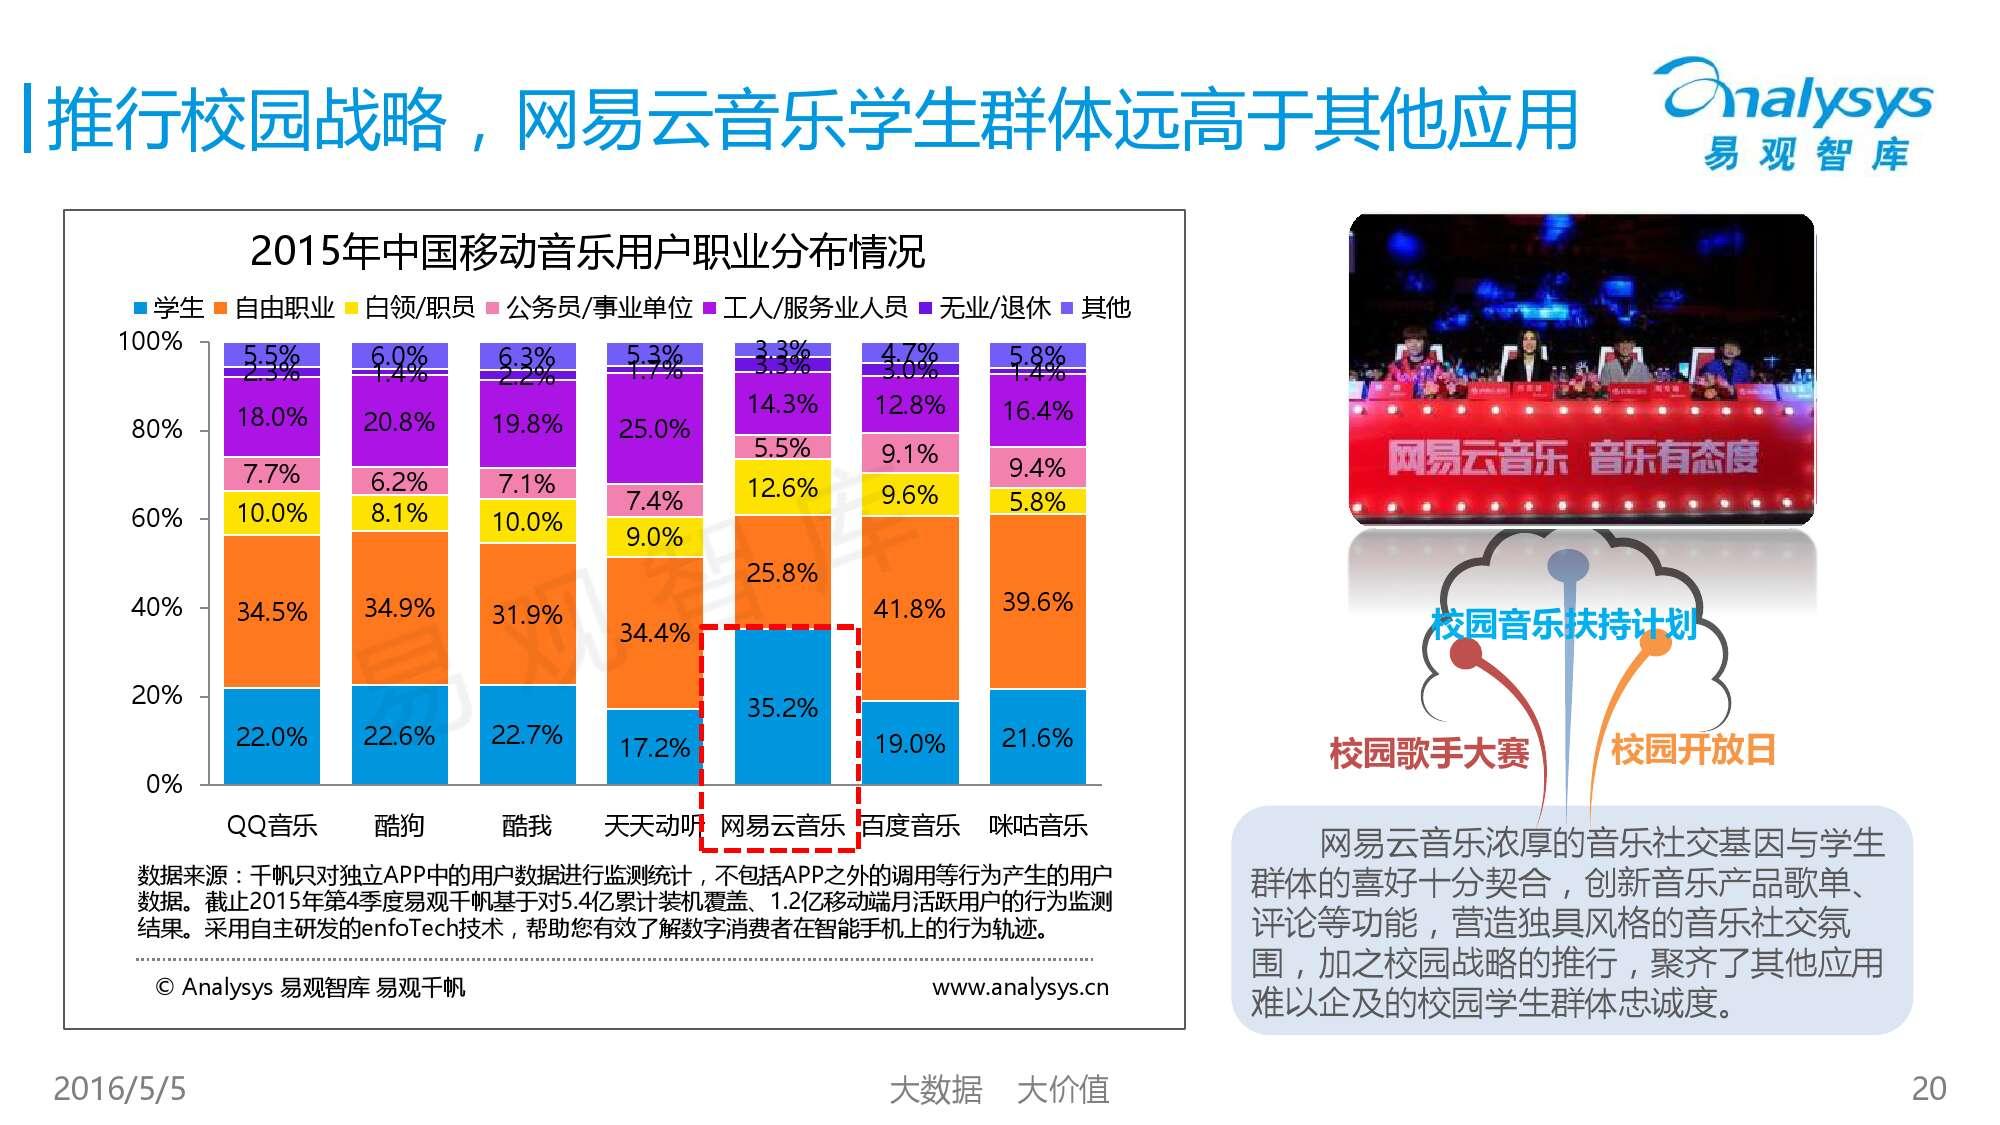 2016中国移动音乐市场年度综合报告_000020